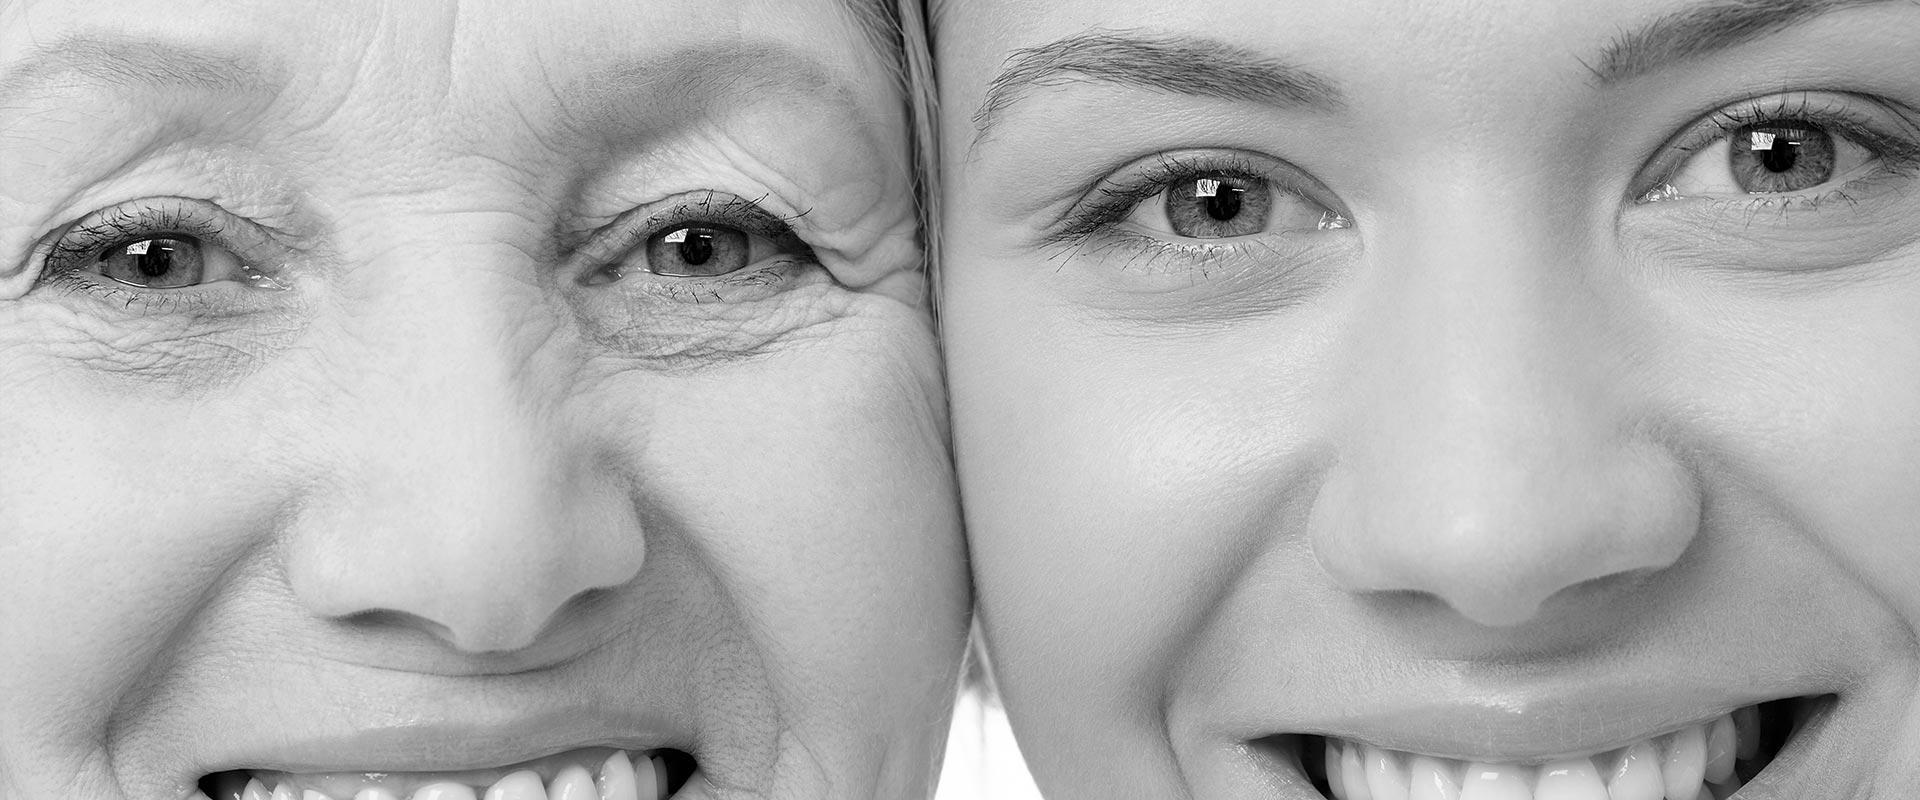 gesichtsverjuengung-alterungsprozess-generationen